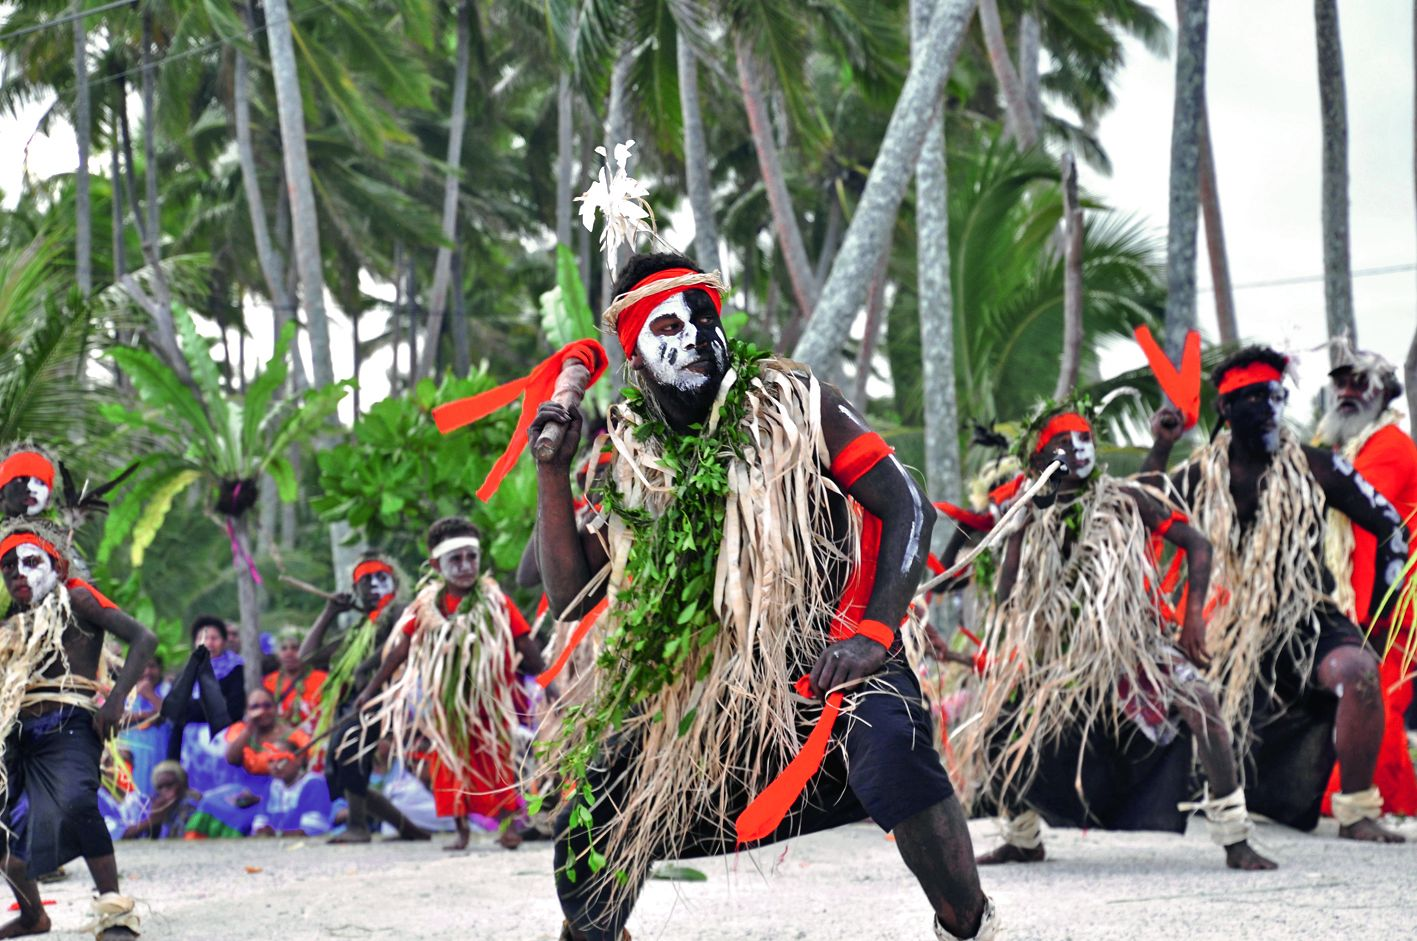 Les tribus de Mebuet et de Tuo s'étaient réunies pour offrir un spectacle de danse traditionnelle impressionnant par le nombre,  le rythme et la qualité de la prestation. Une performance qui a accompagné mariés et convives tout au long du repas.